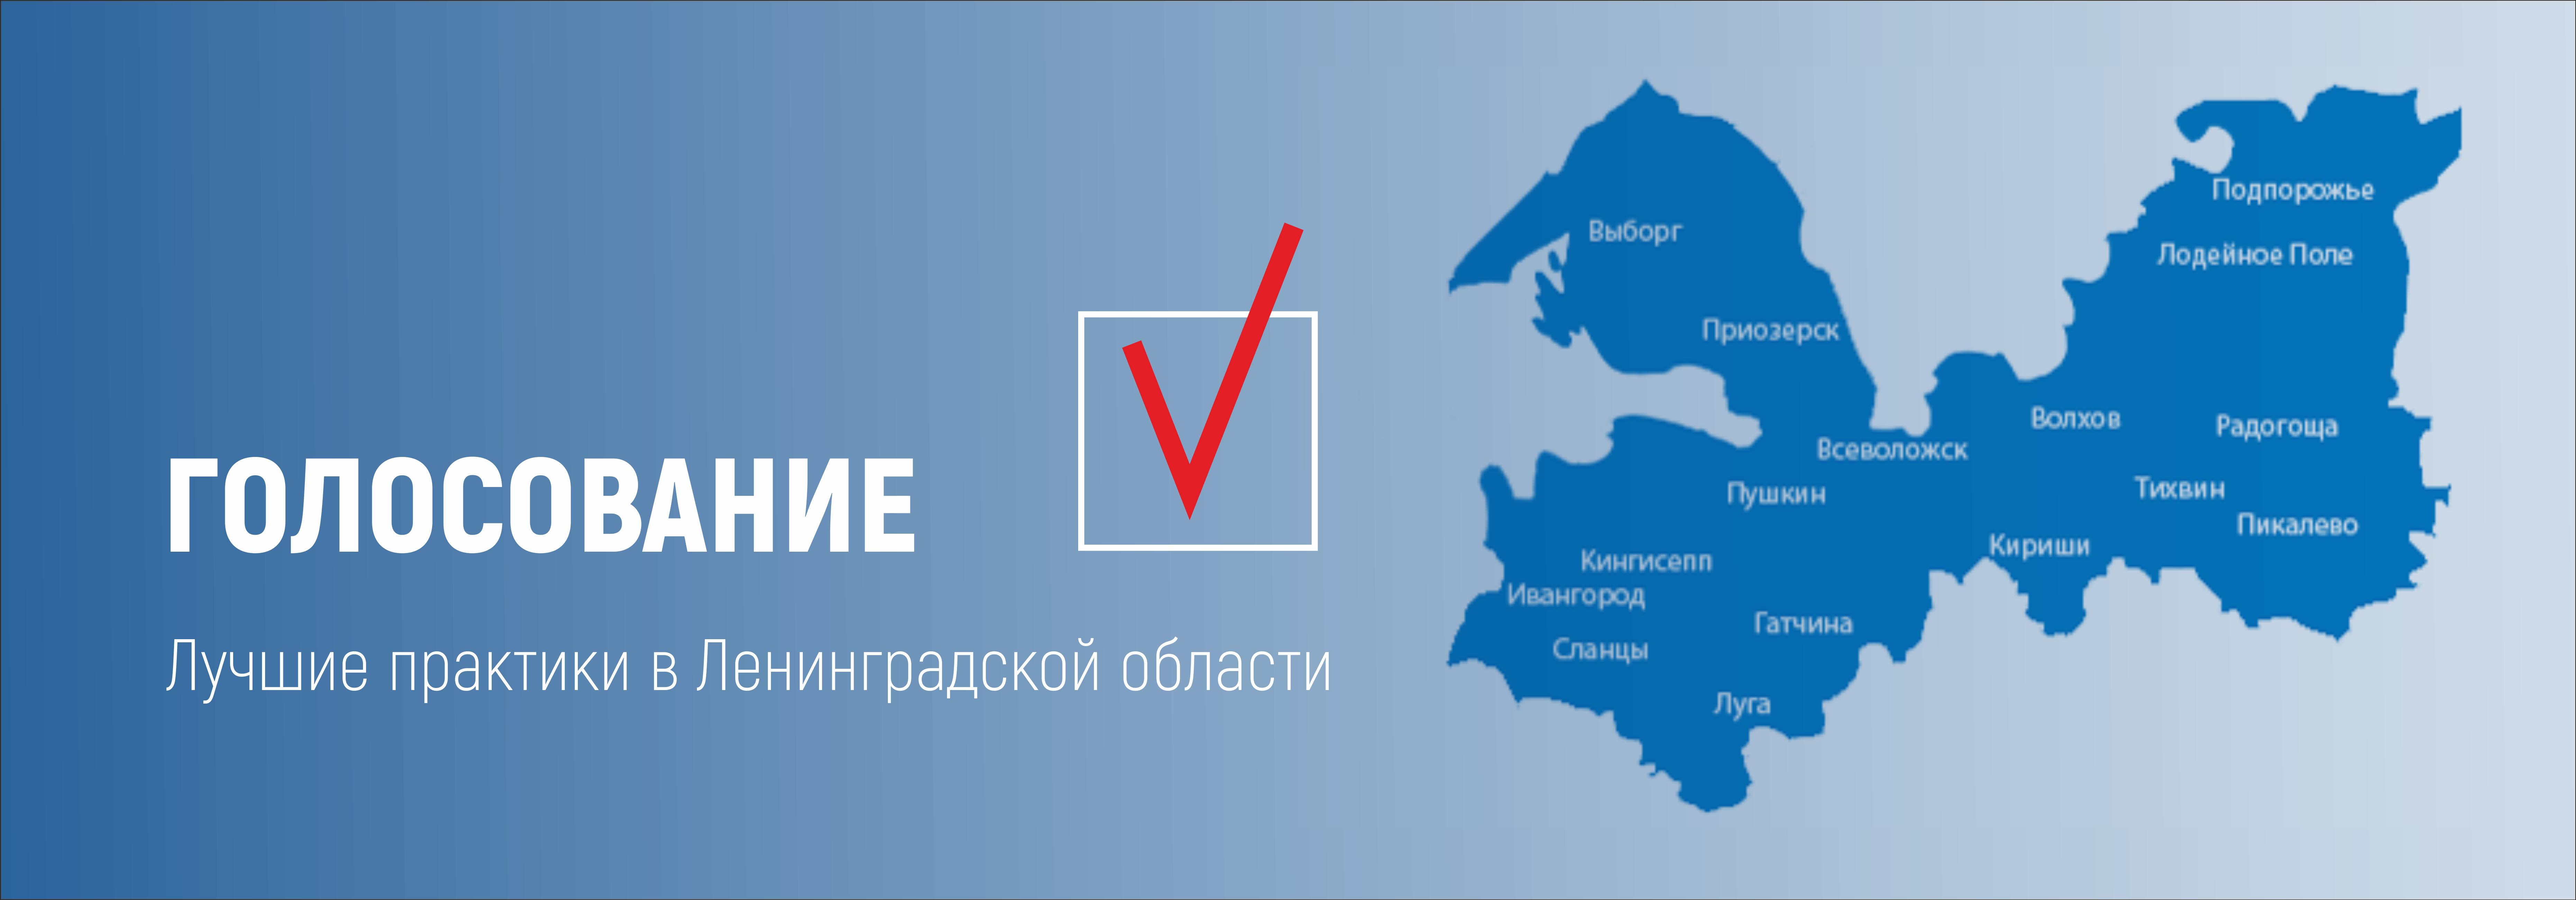 Участие в голосовании за лучшие практики в Ленинградской области